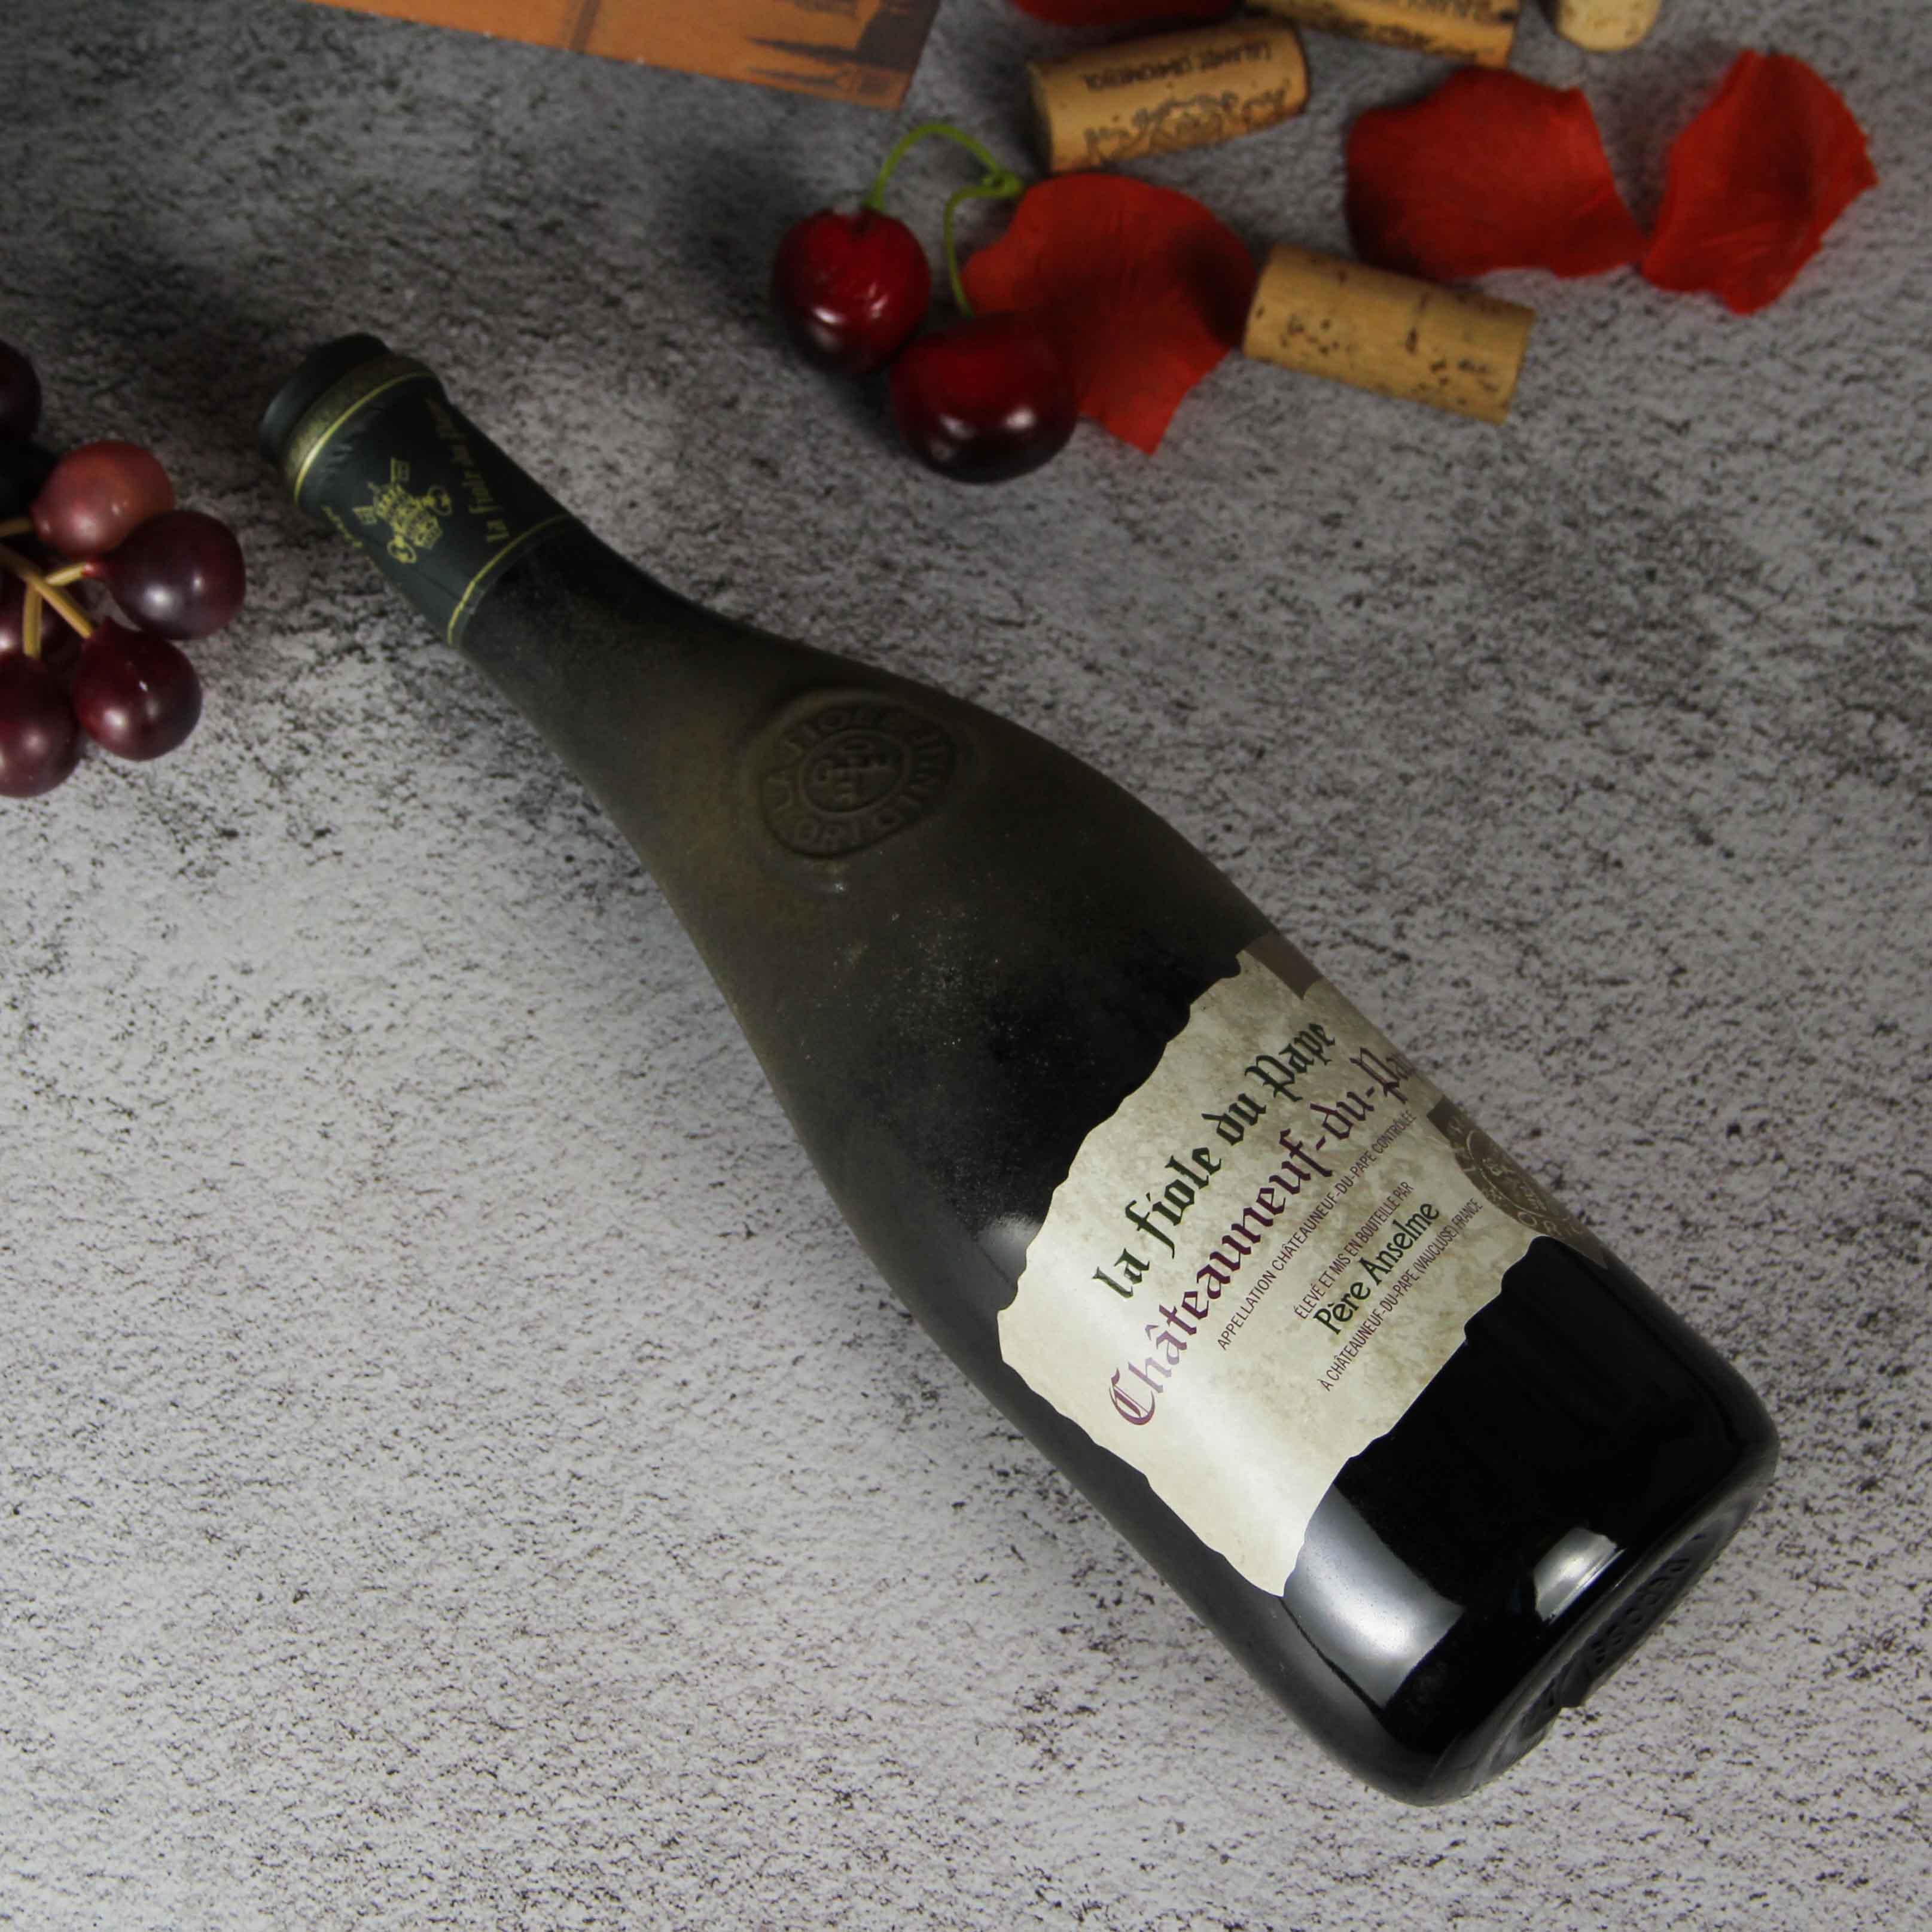 法国夫华 教皇新堡(歪脖子)红葡萄酒红酒